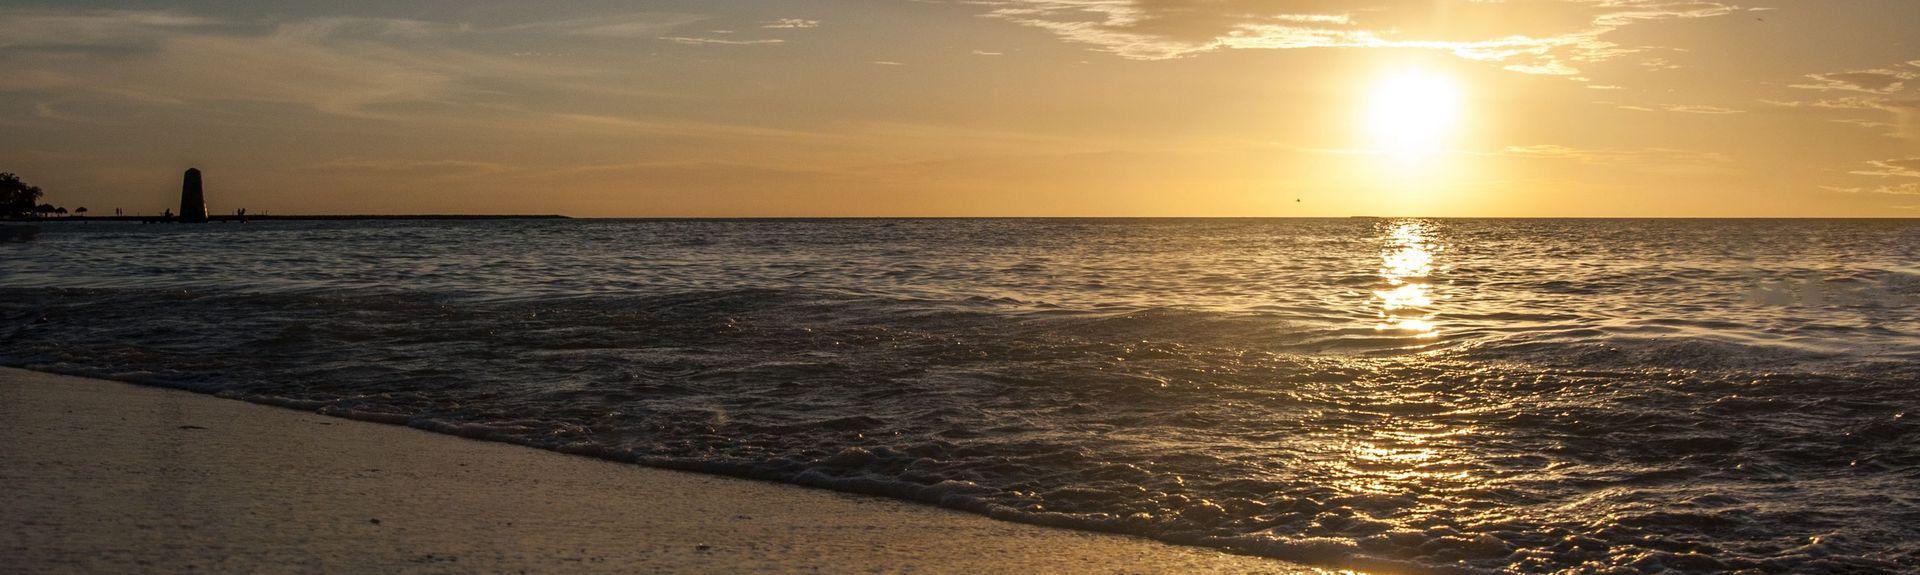 Oranjestad-West, Oranjestad, Aruba